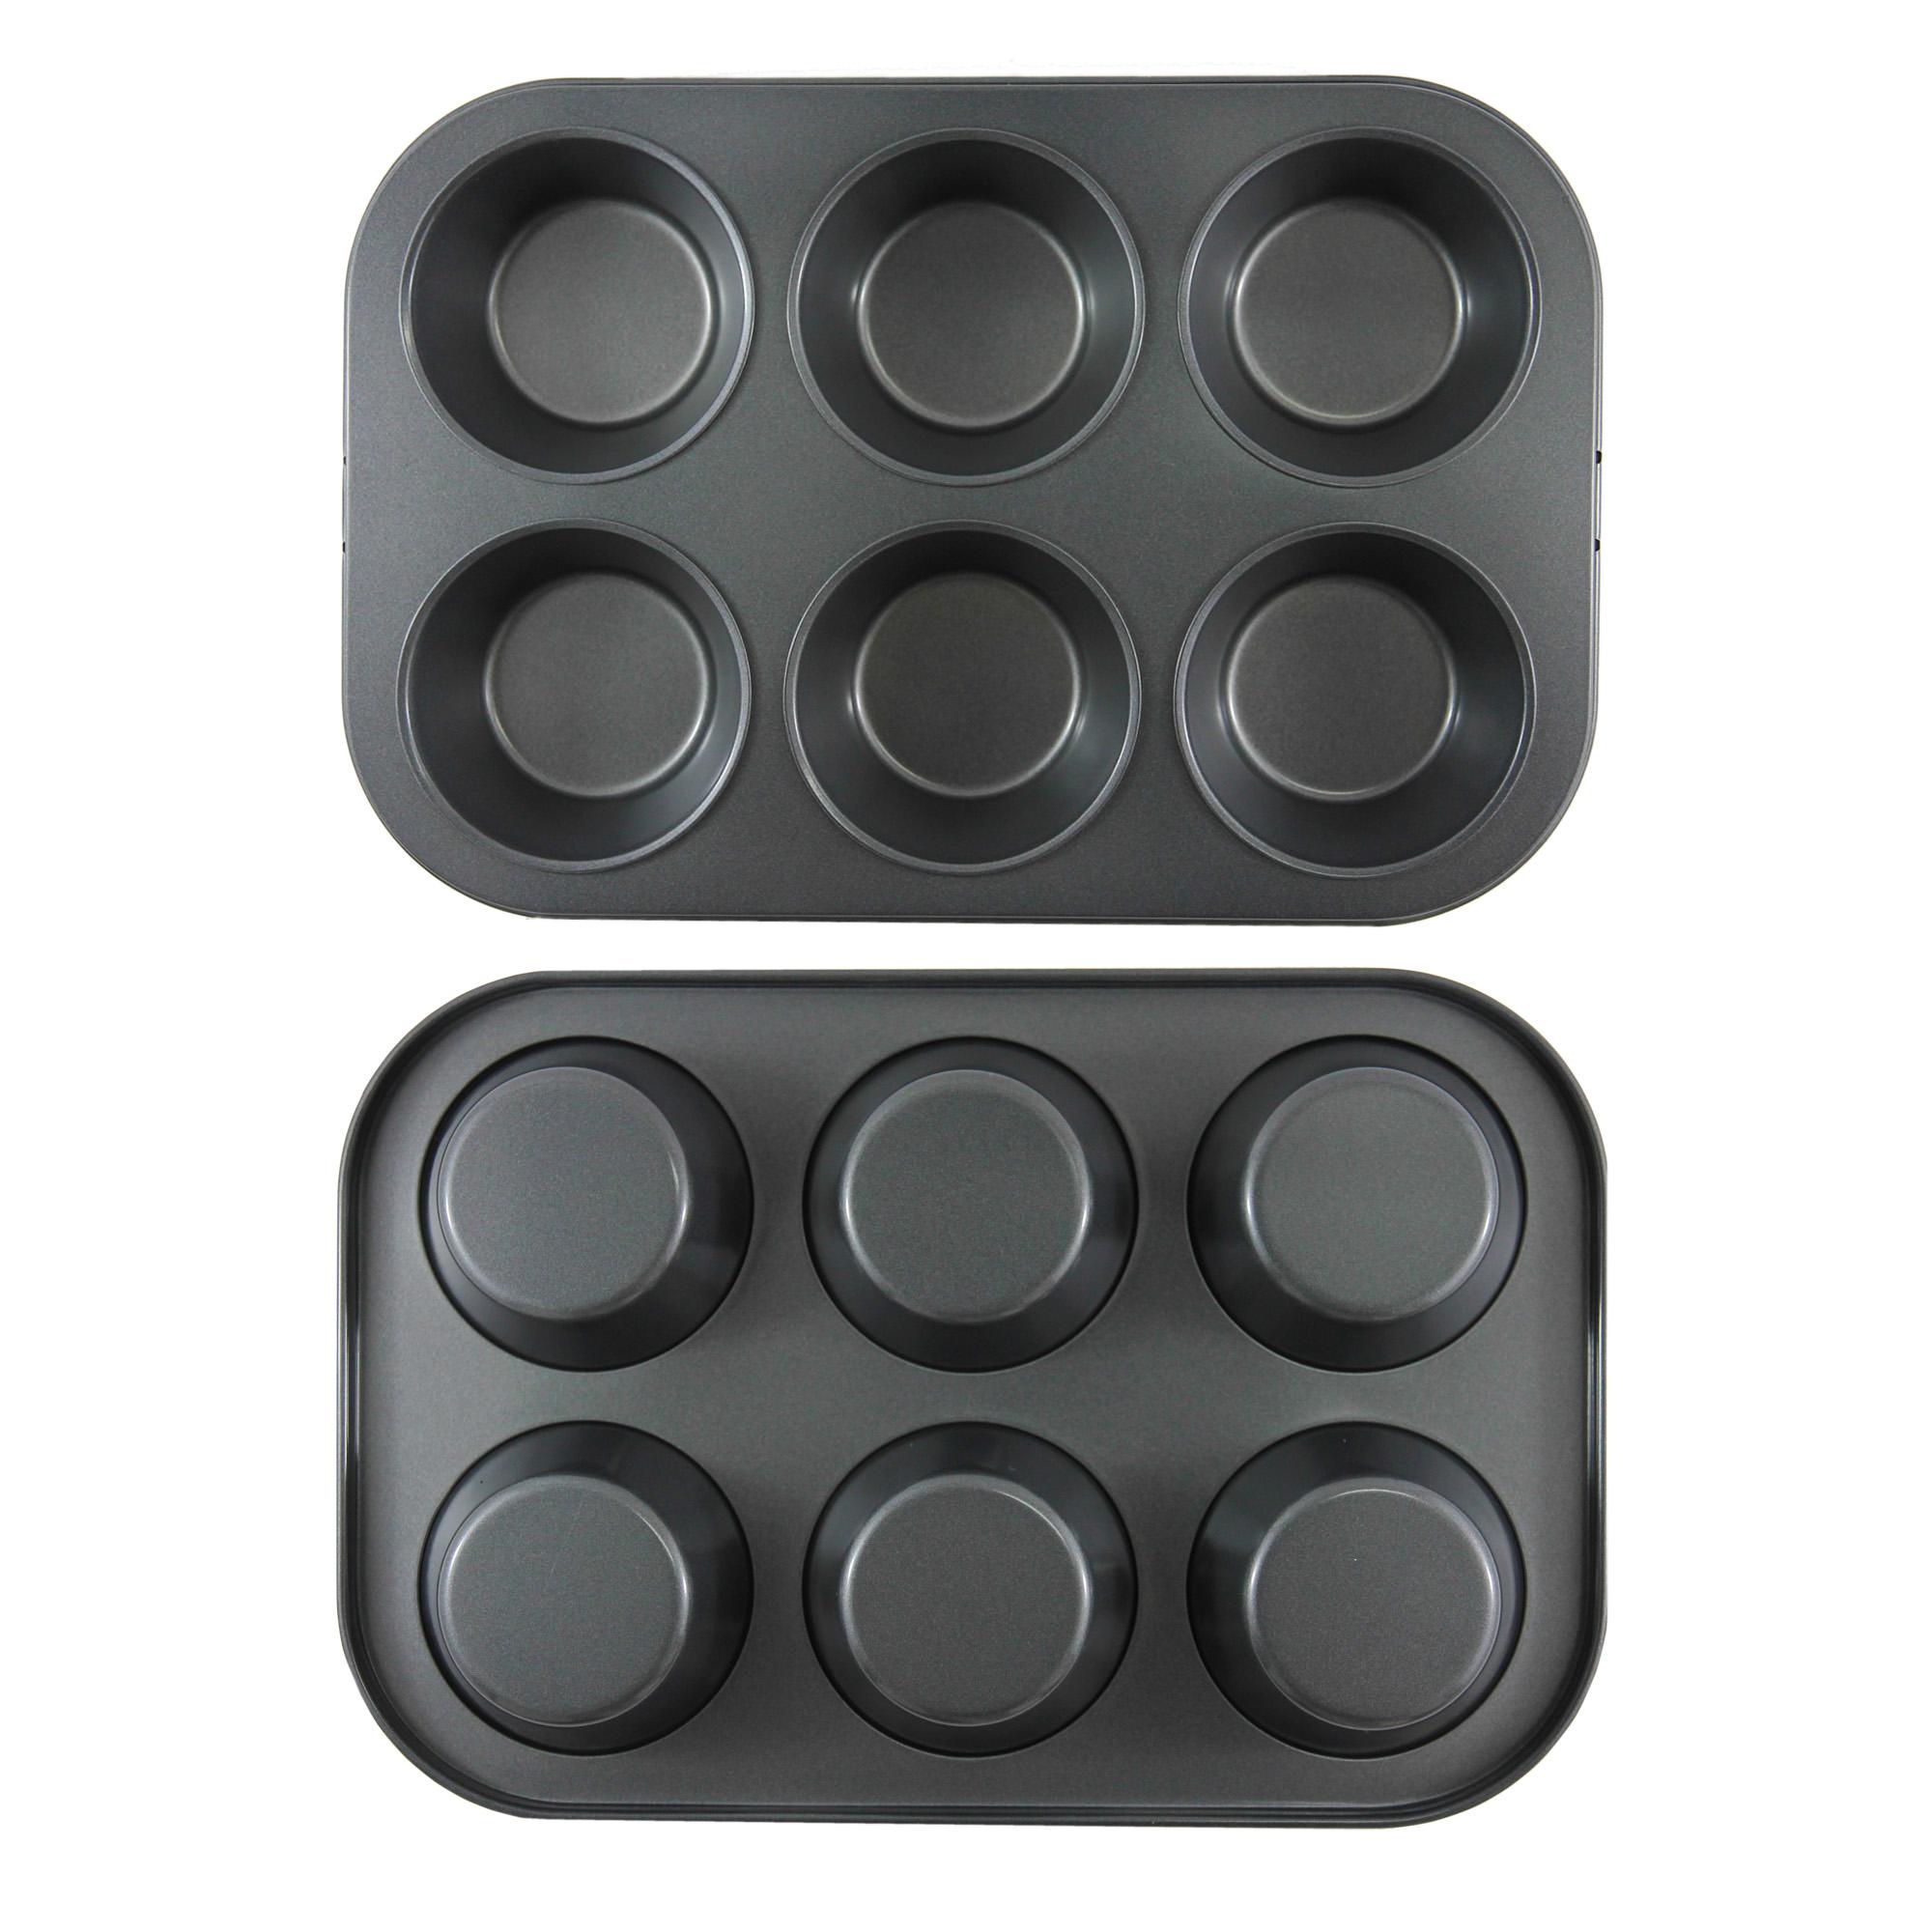 พิมพ์มัฟฟิน คัพเค้ก สีดำ non stick 6 หลุม 290x195x32 mm (YT061)